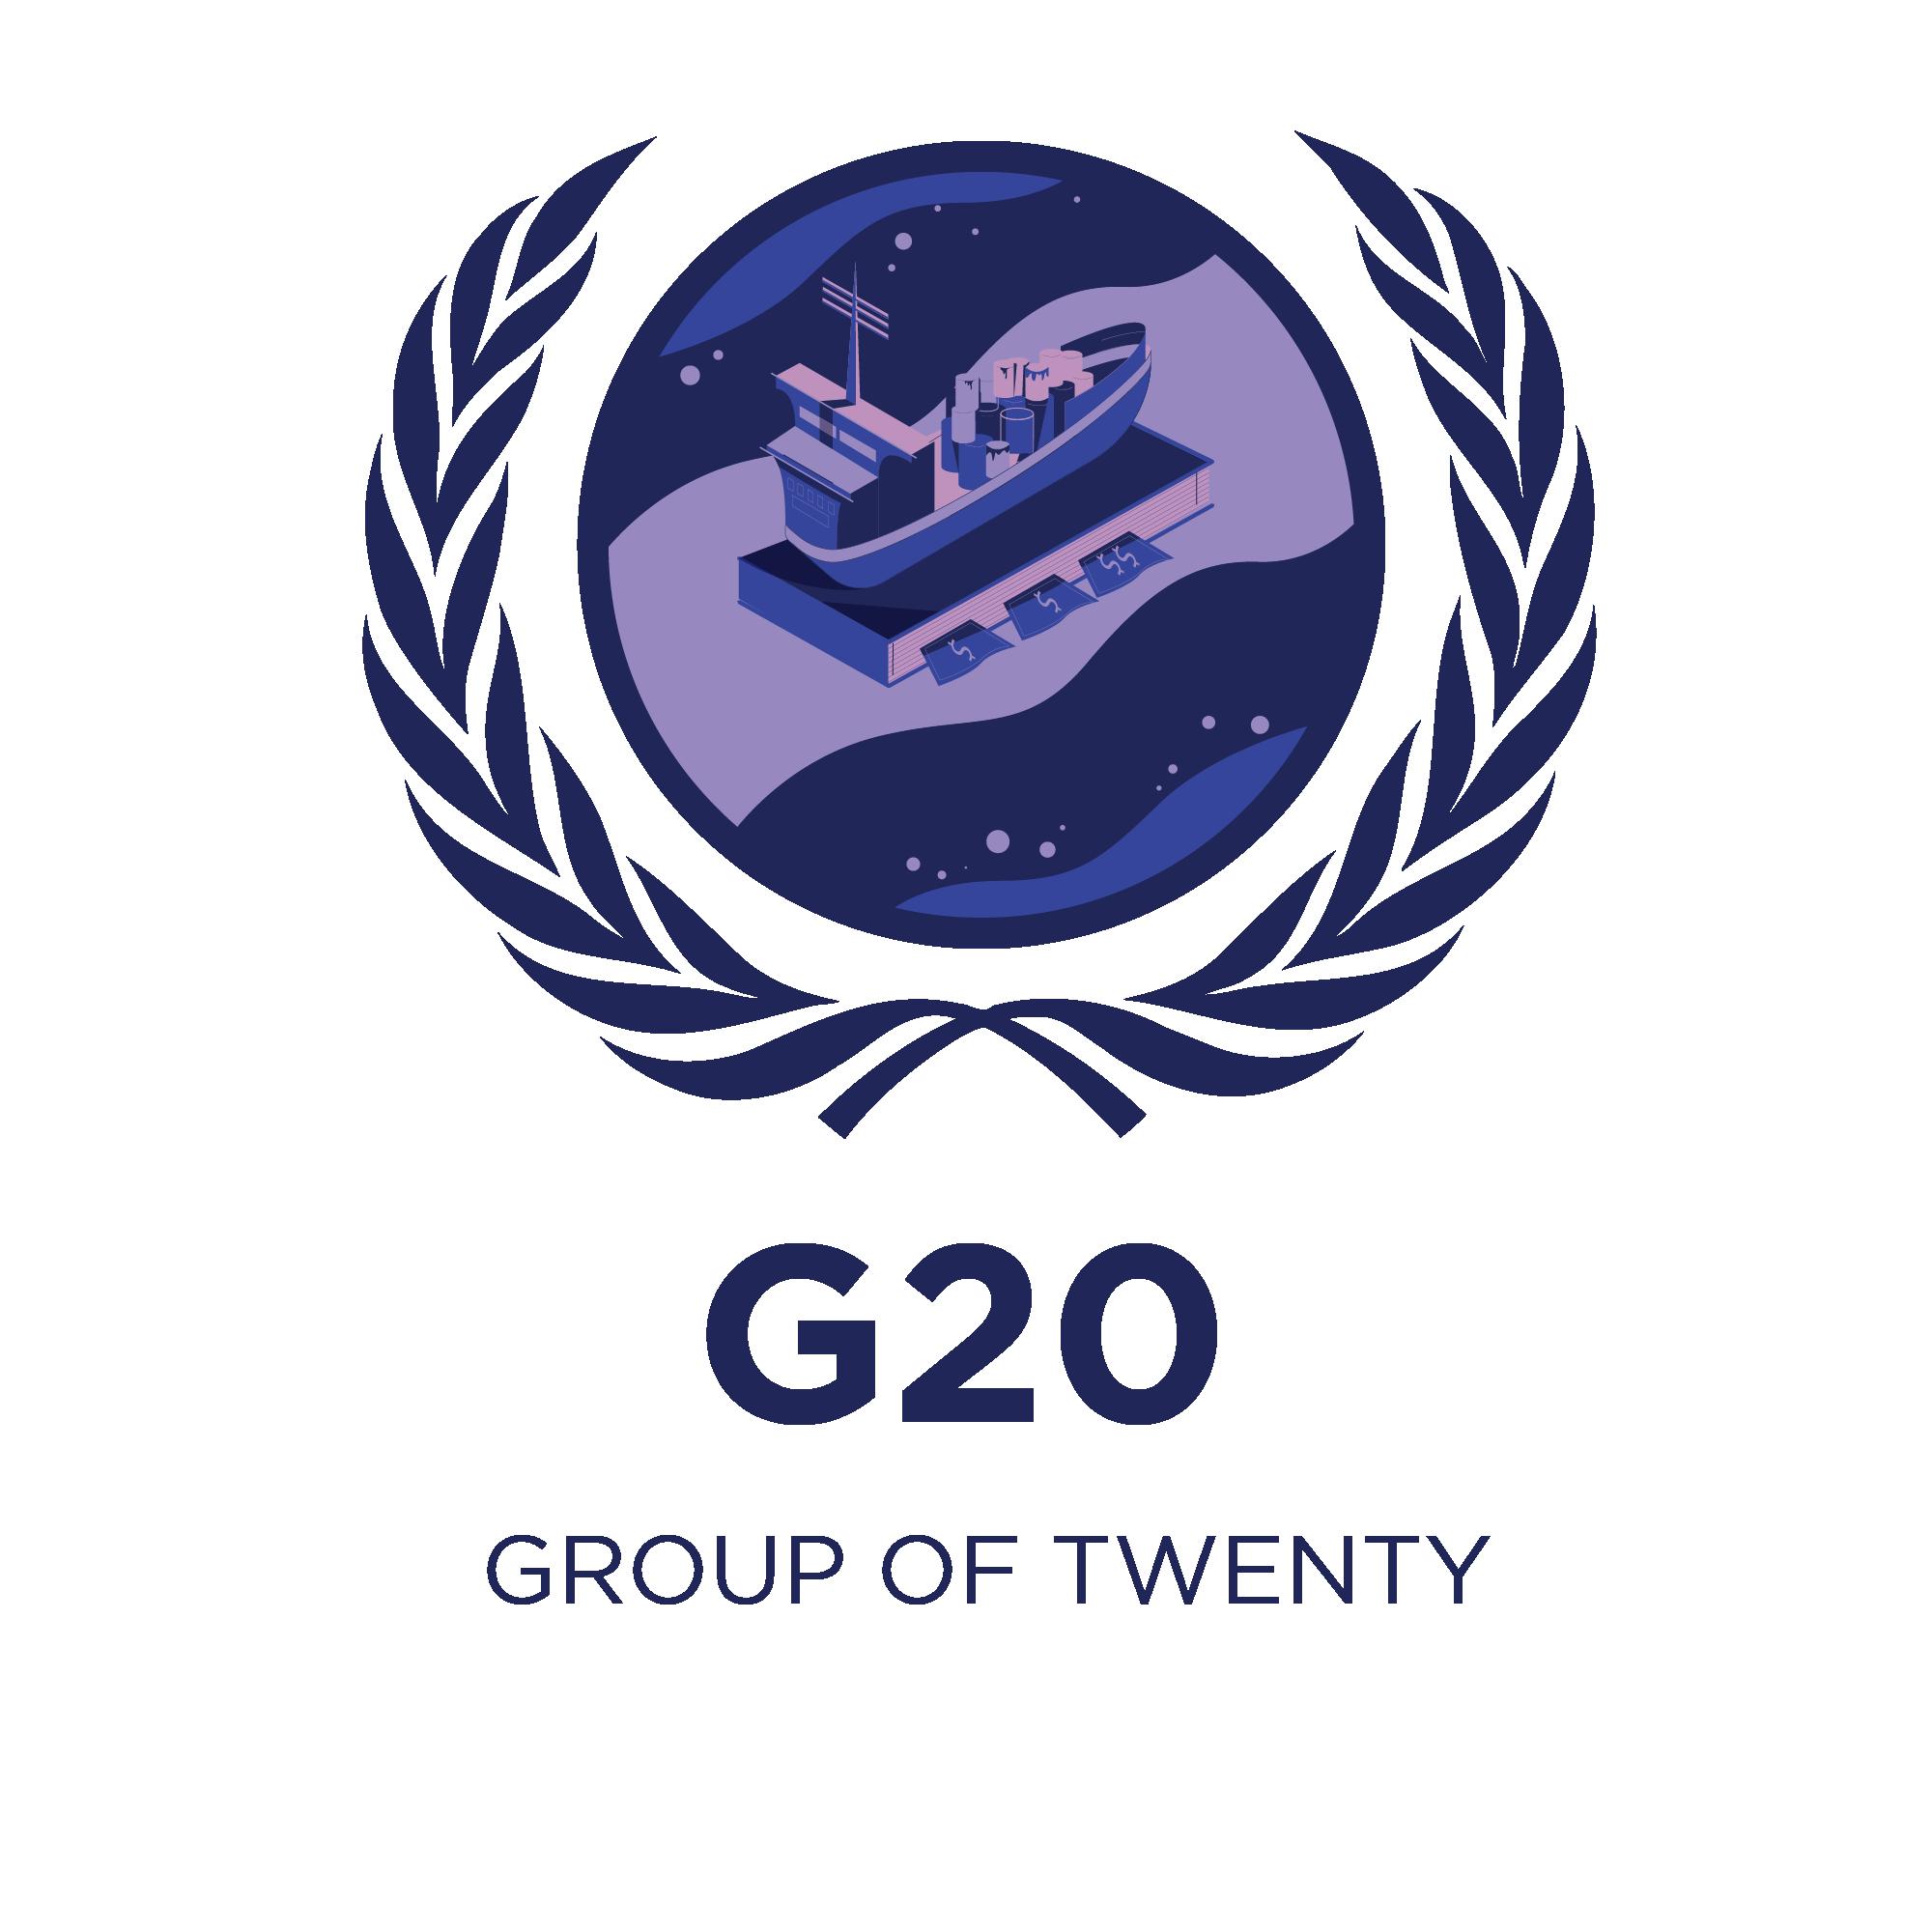 g20 wt textArtboard 1 copy@2x.png